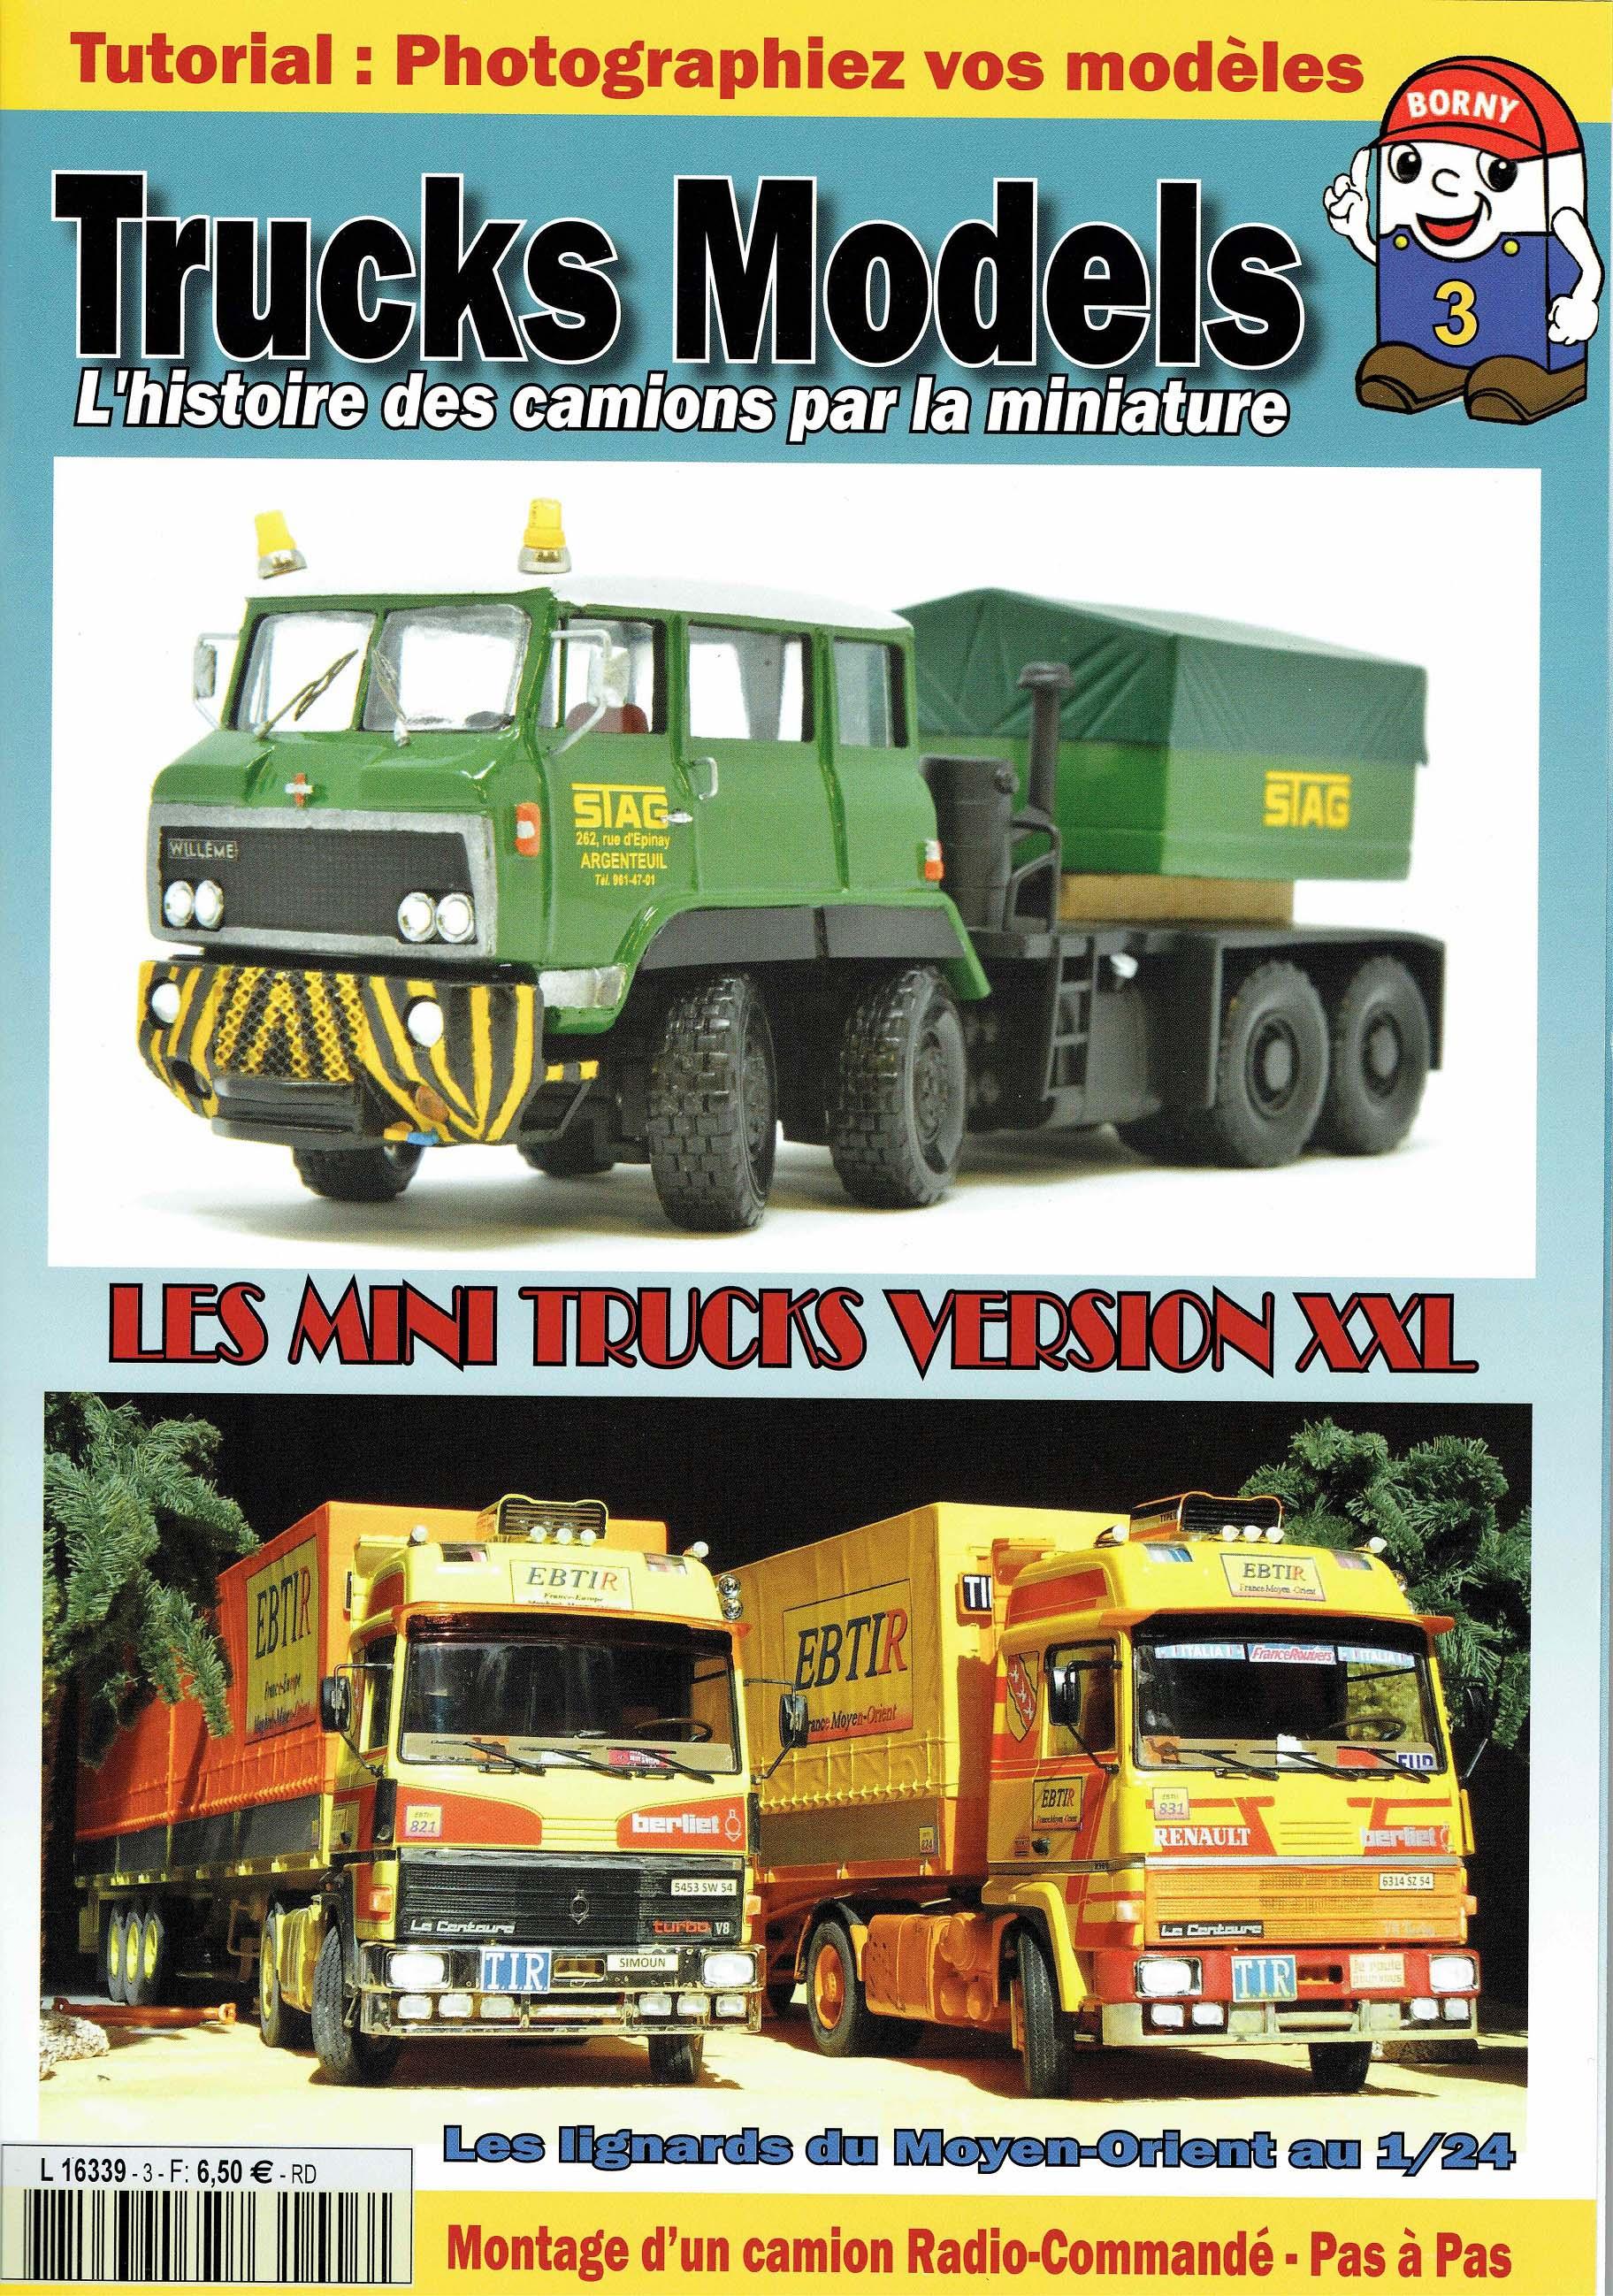 Numéro 3 de Trucks Models